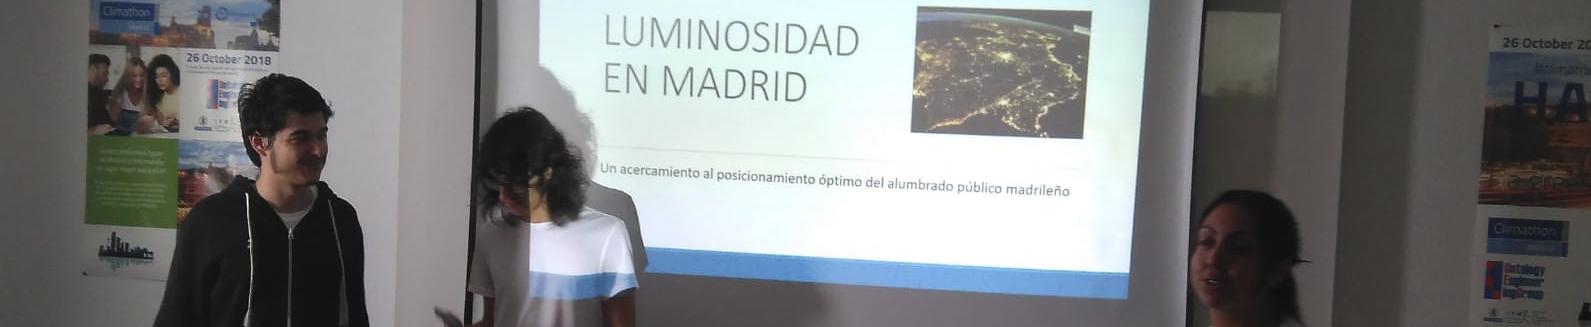 Luminosidad en Madrid